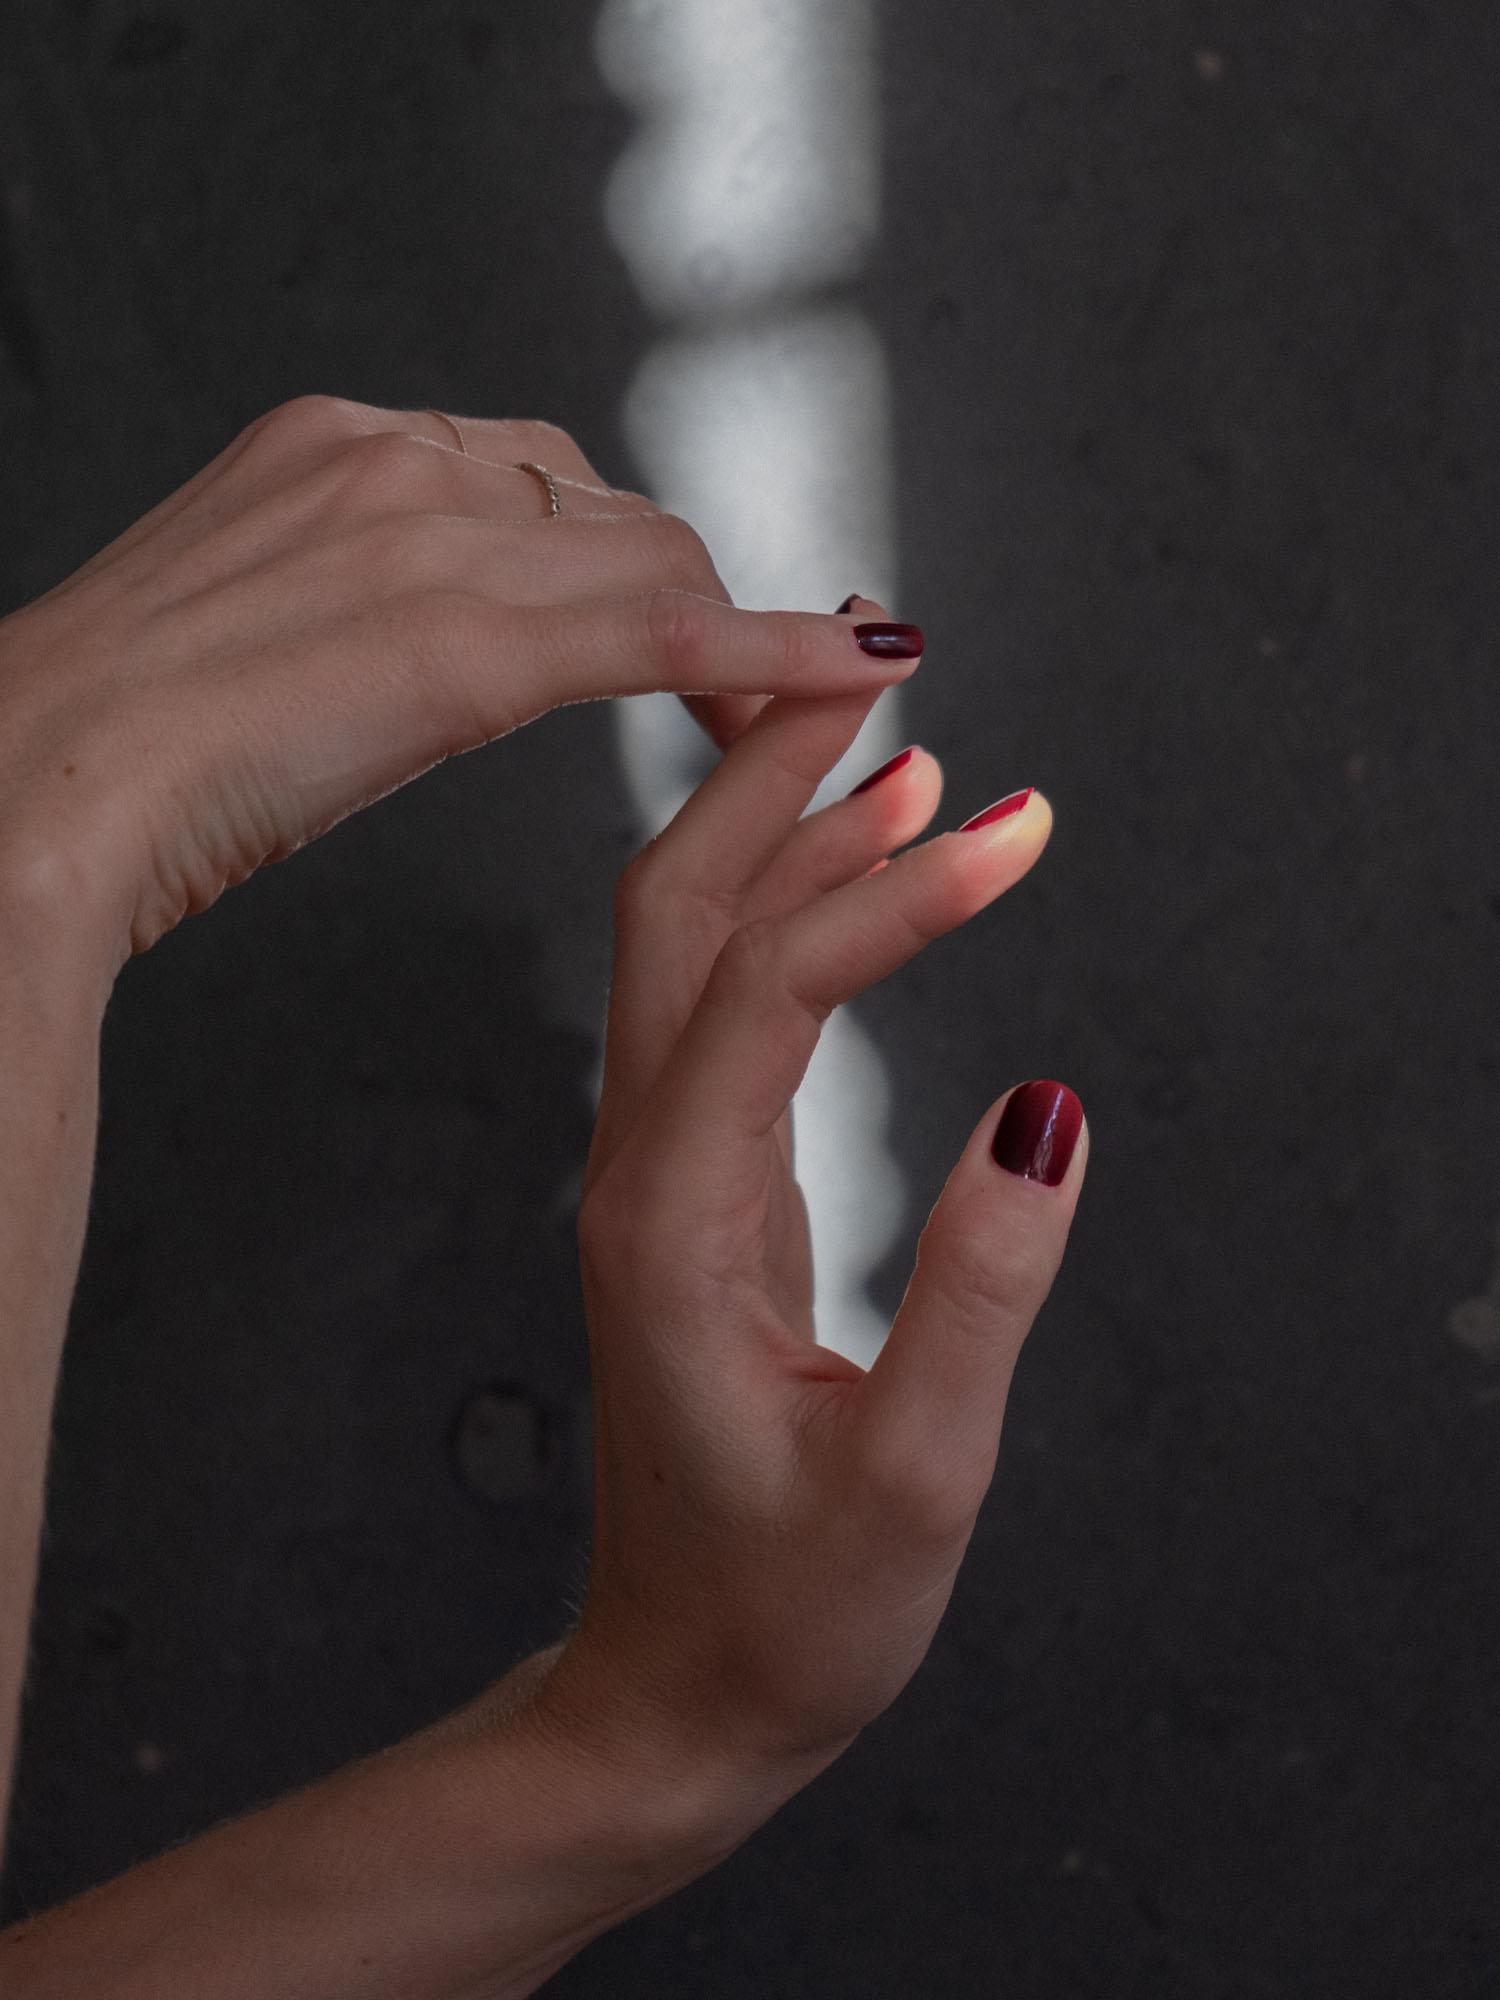 Beautyblog Tipps für dunklen Nagellack 1